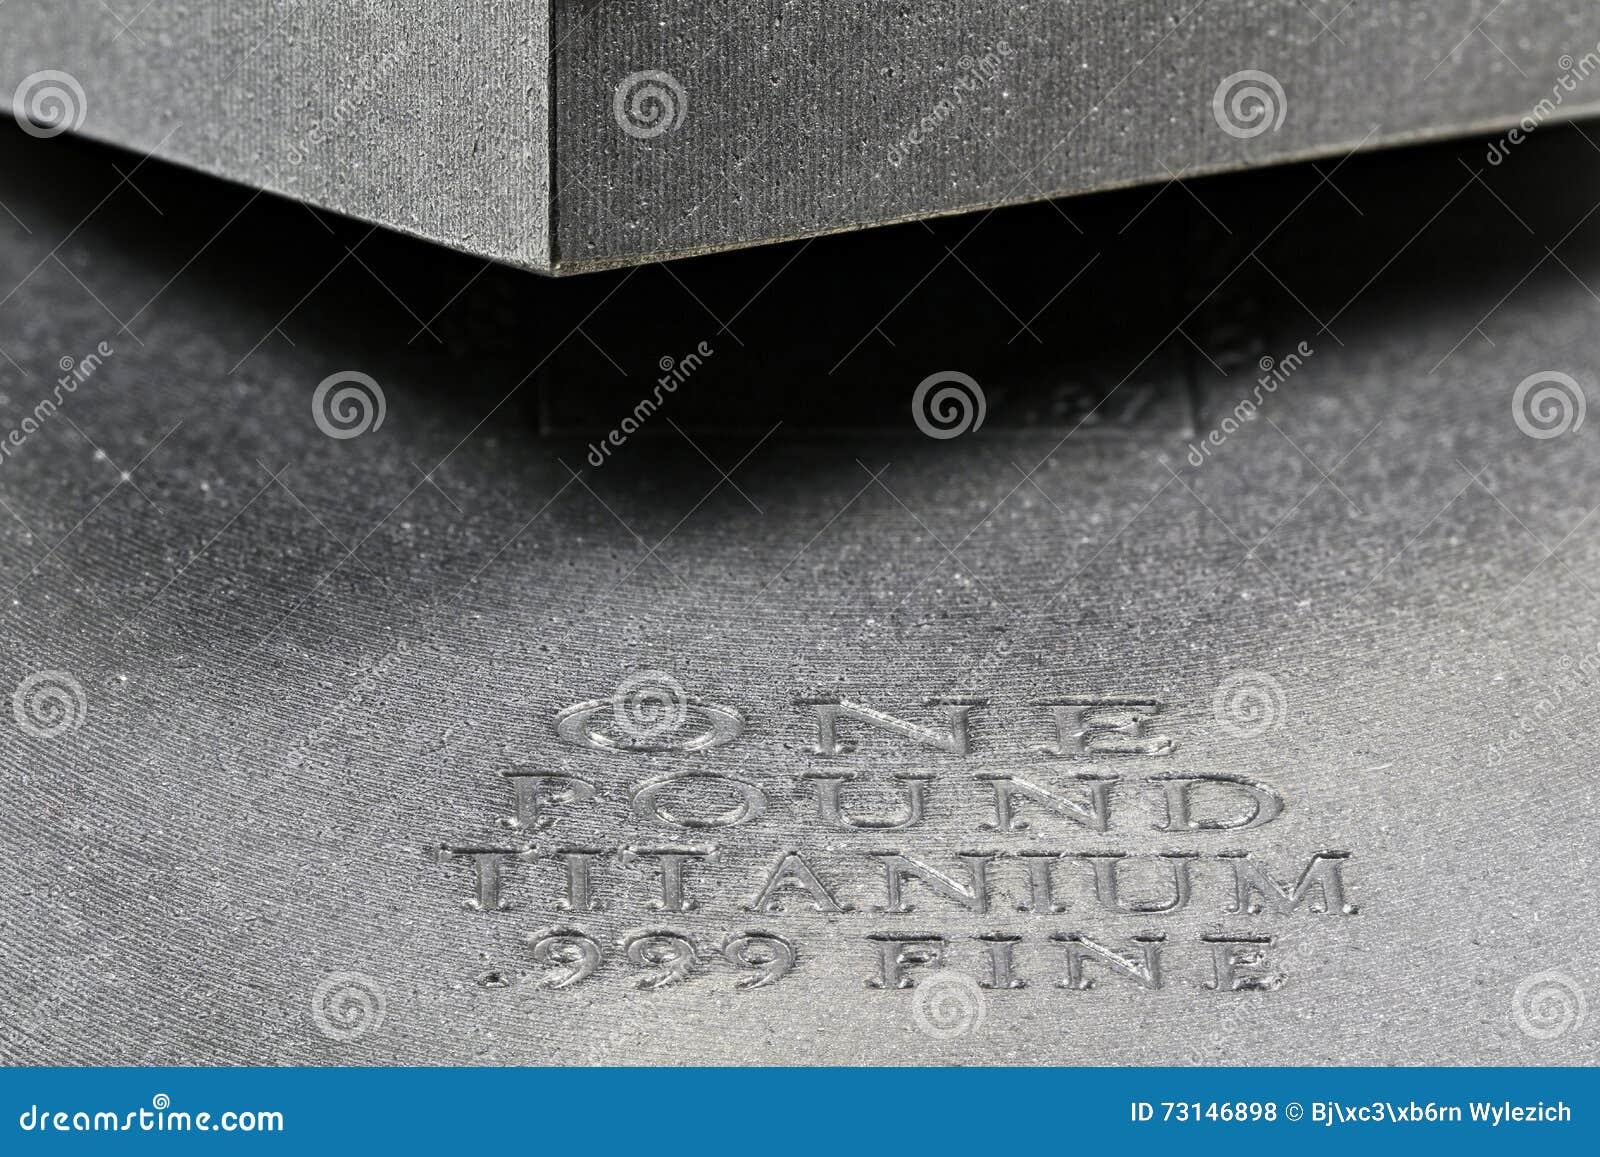 Titanbarren  Titanbarren Stockfoto - Bild: 73146898